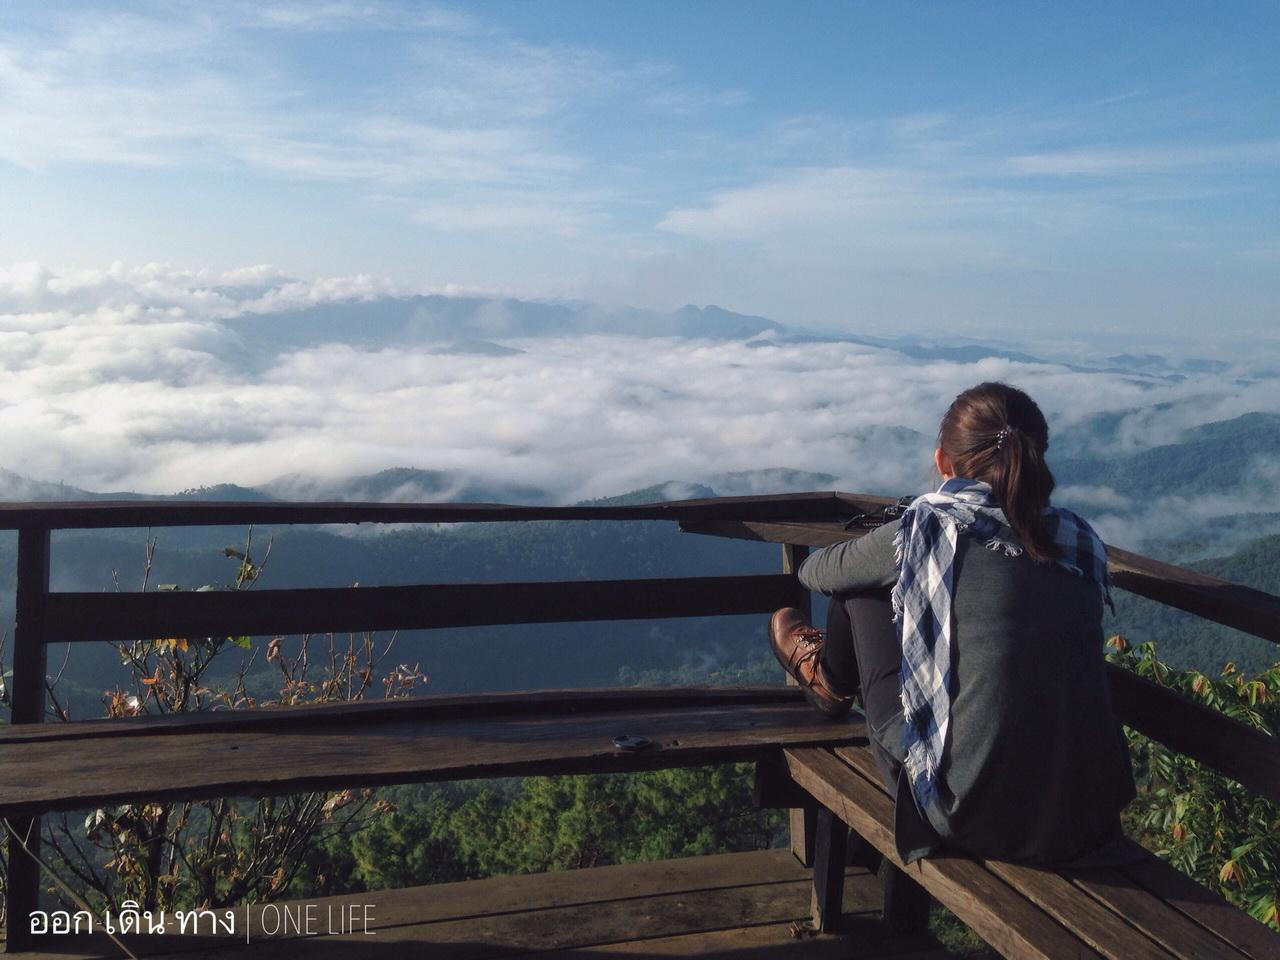 นั่งเงียบๆ บนความสูง 1,818 เมตร